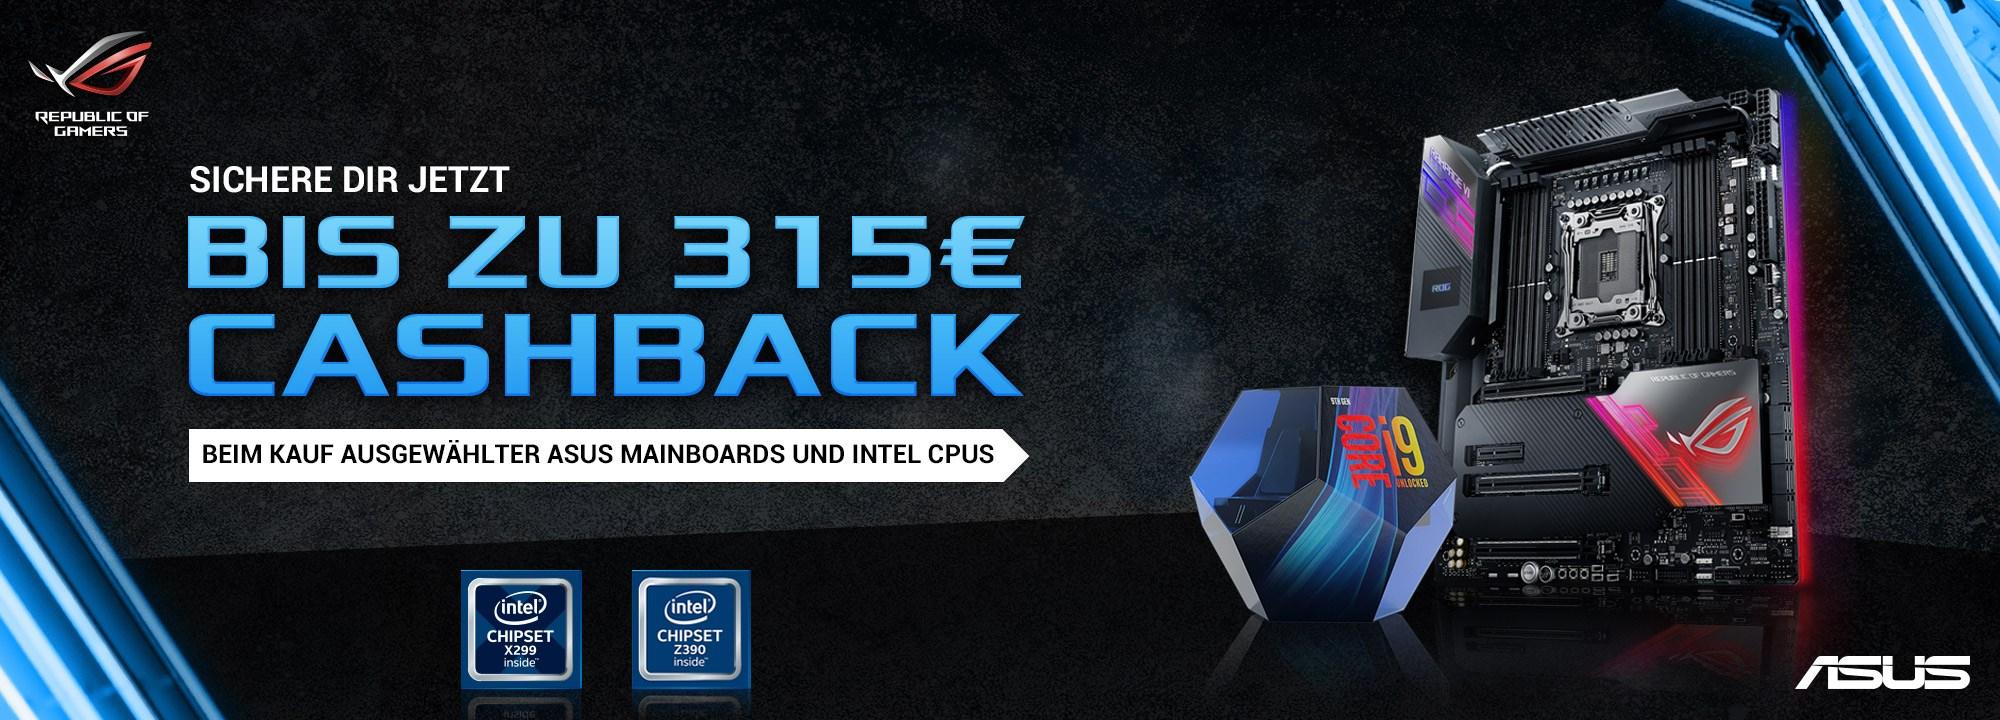 ASUS Cashback Bundle aus Mainboard und Intel CPU bis 315€ Cashback Beispiel beigefügt